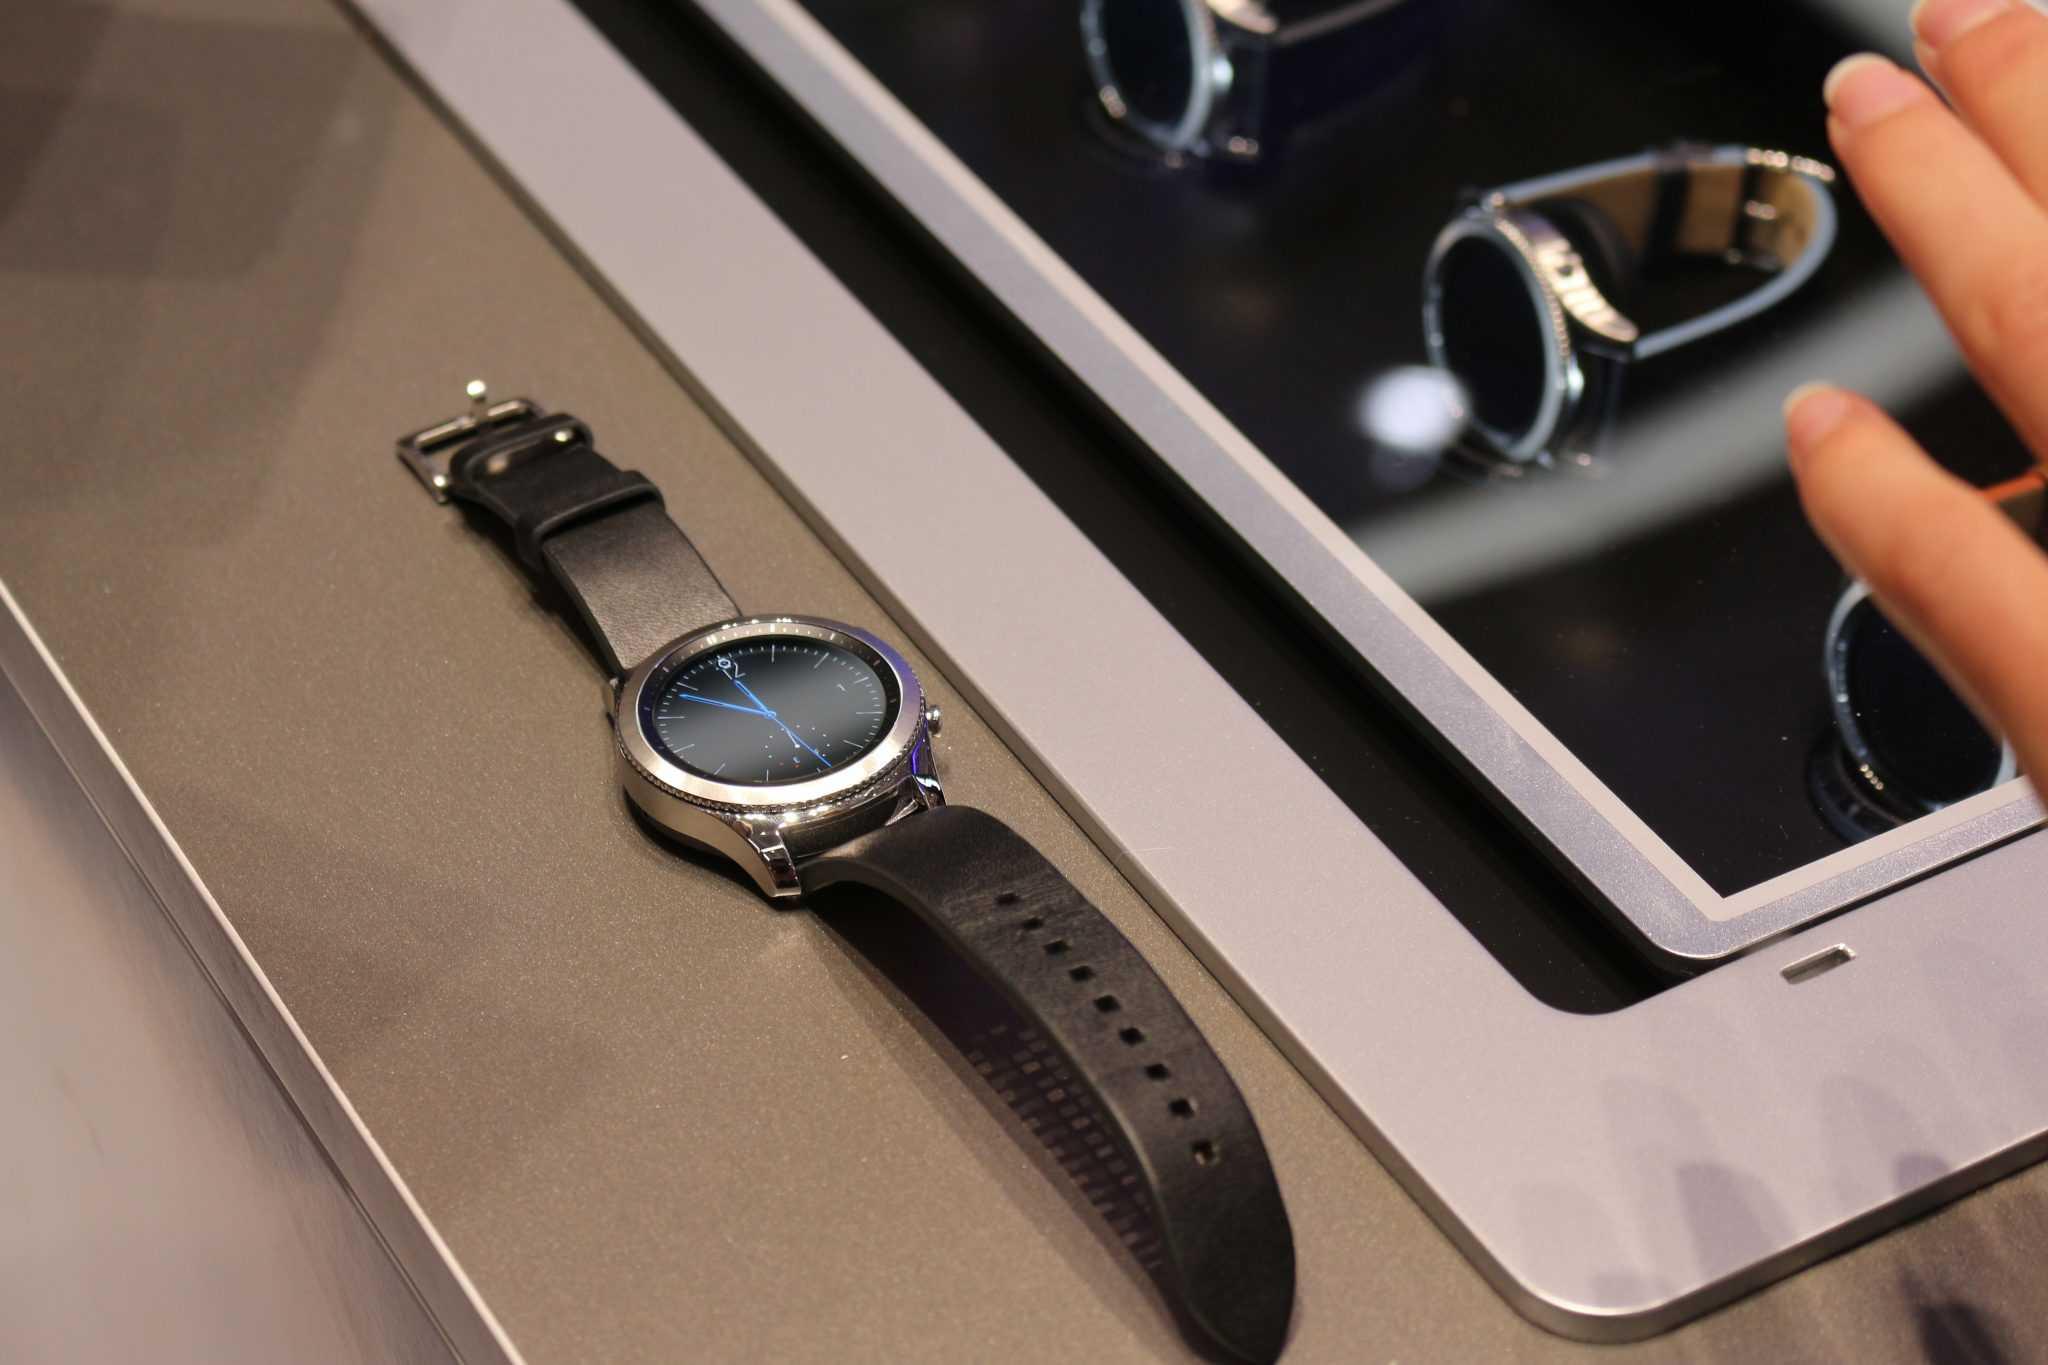 Die neue Gear S3 von Samsung